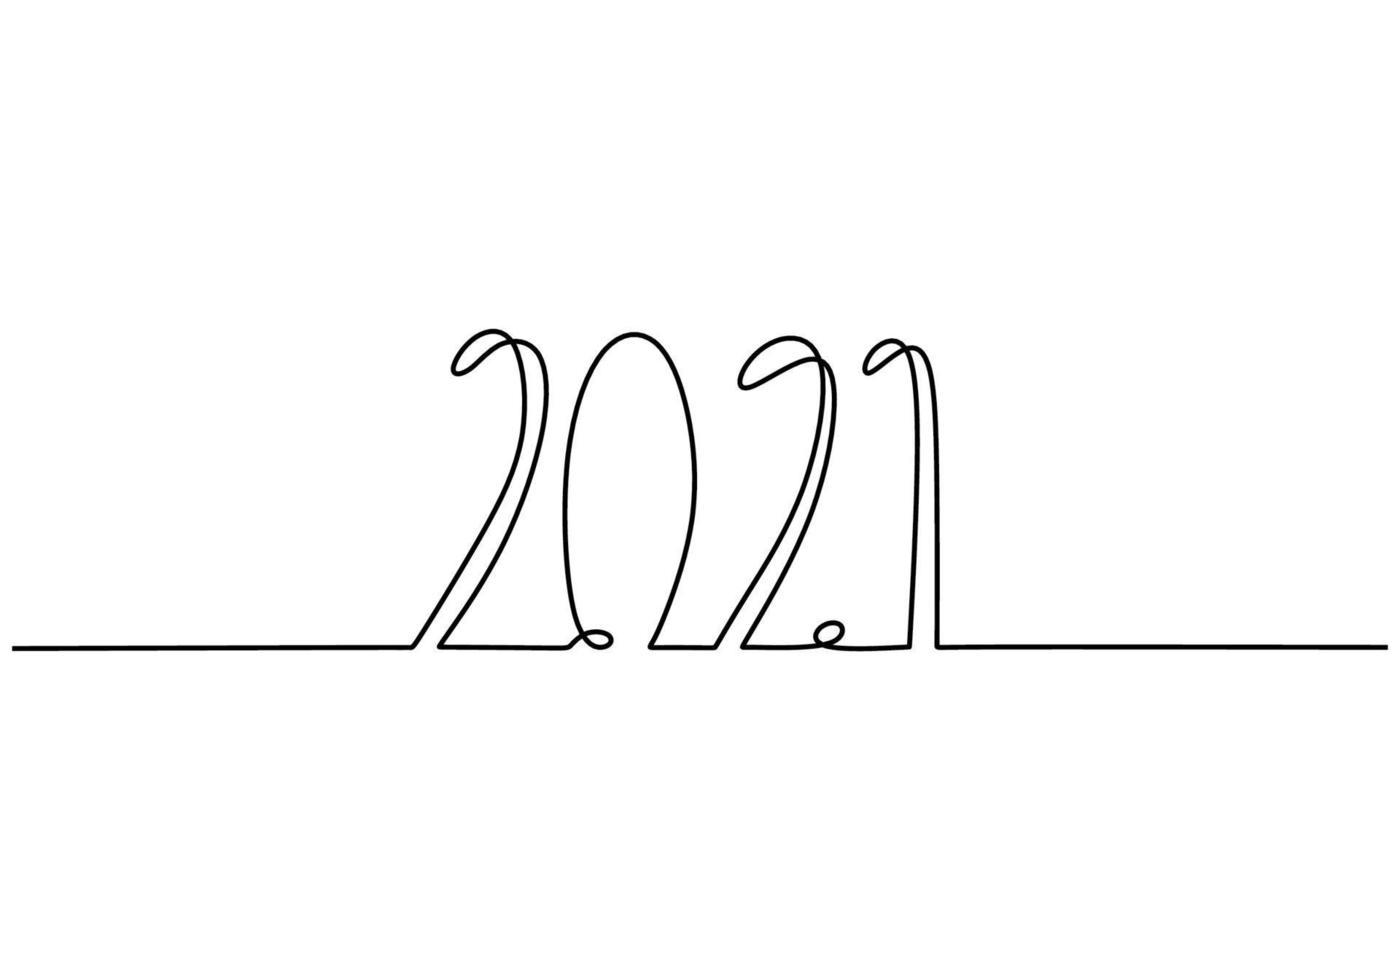 2021 nieuwjaarsontwerp in doorlopende lijntekeningen stijl minimalistische zwarte lineaire schets geïsoleerd op een witte achtergrond. jaar van de stier. gelukkig nieuwjaar concept. vector ontwerp illustratie